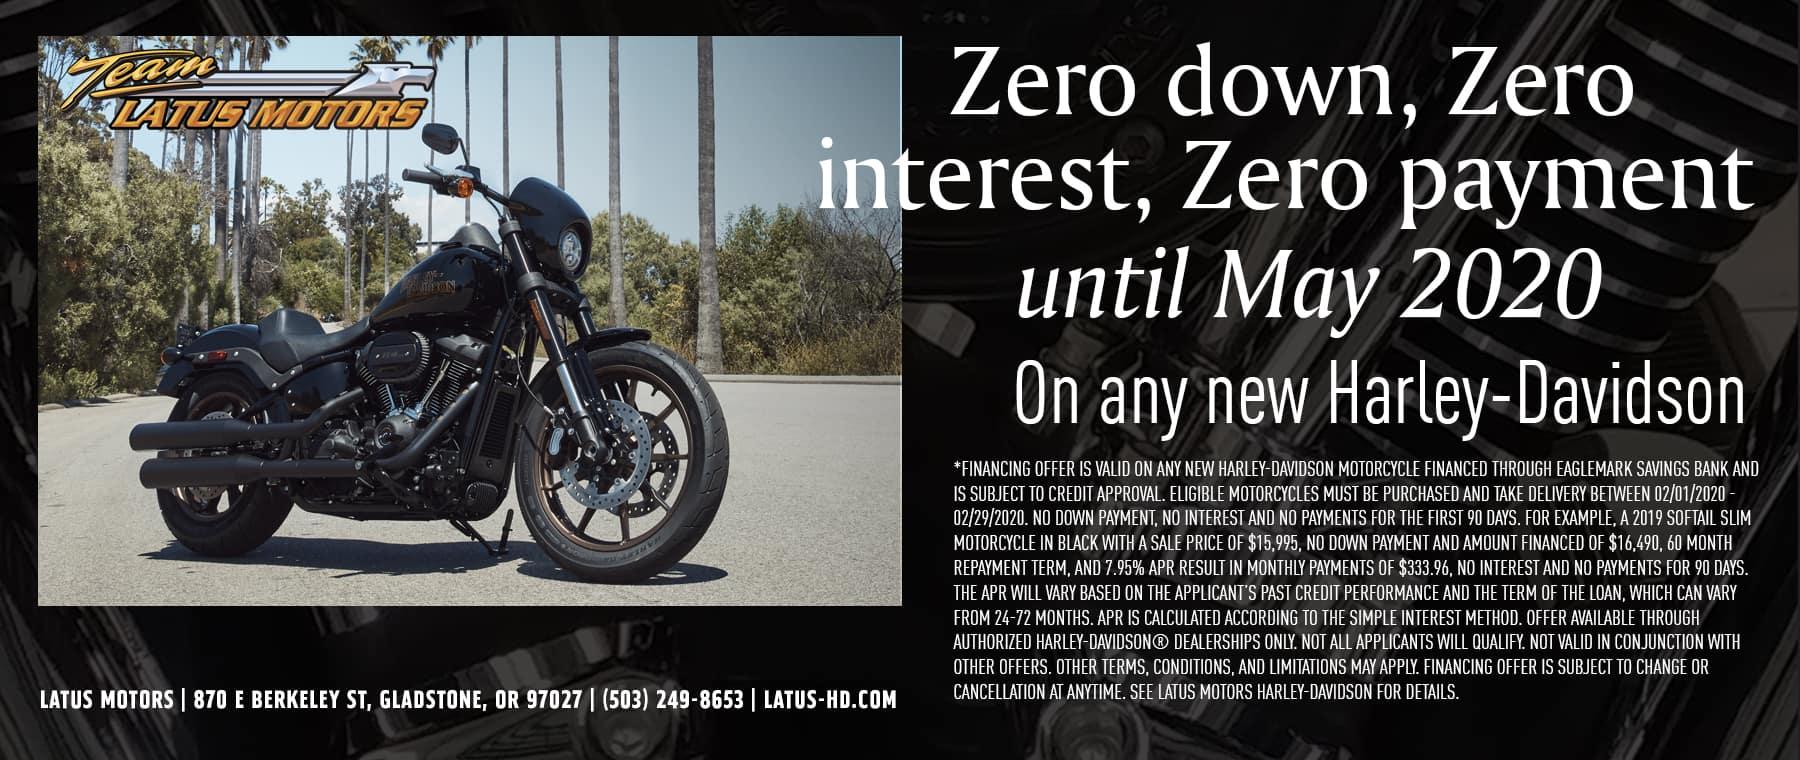 Harley Davidson Zero Down, Zero Interest, Zero Payment until May 2020